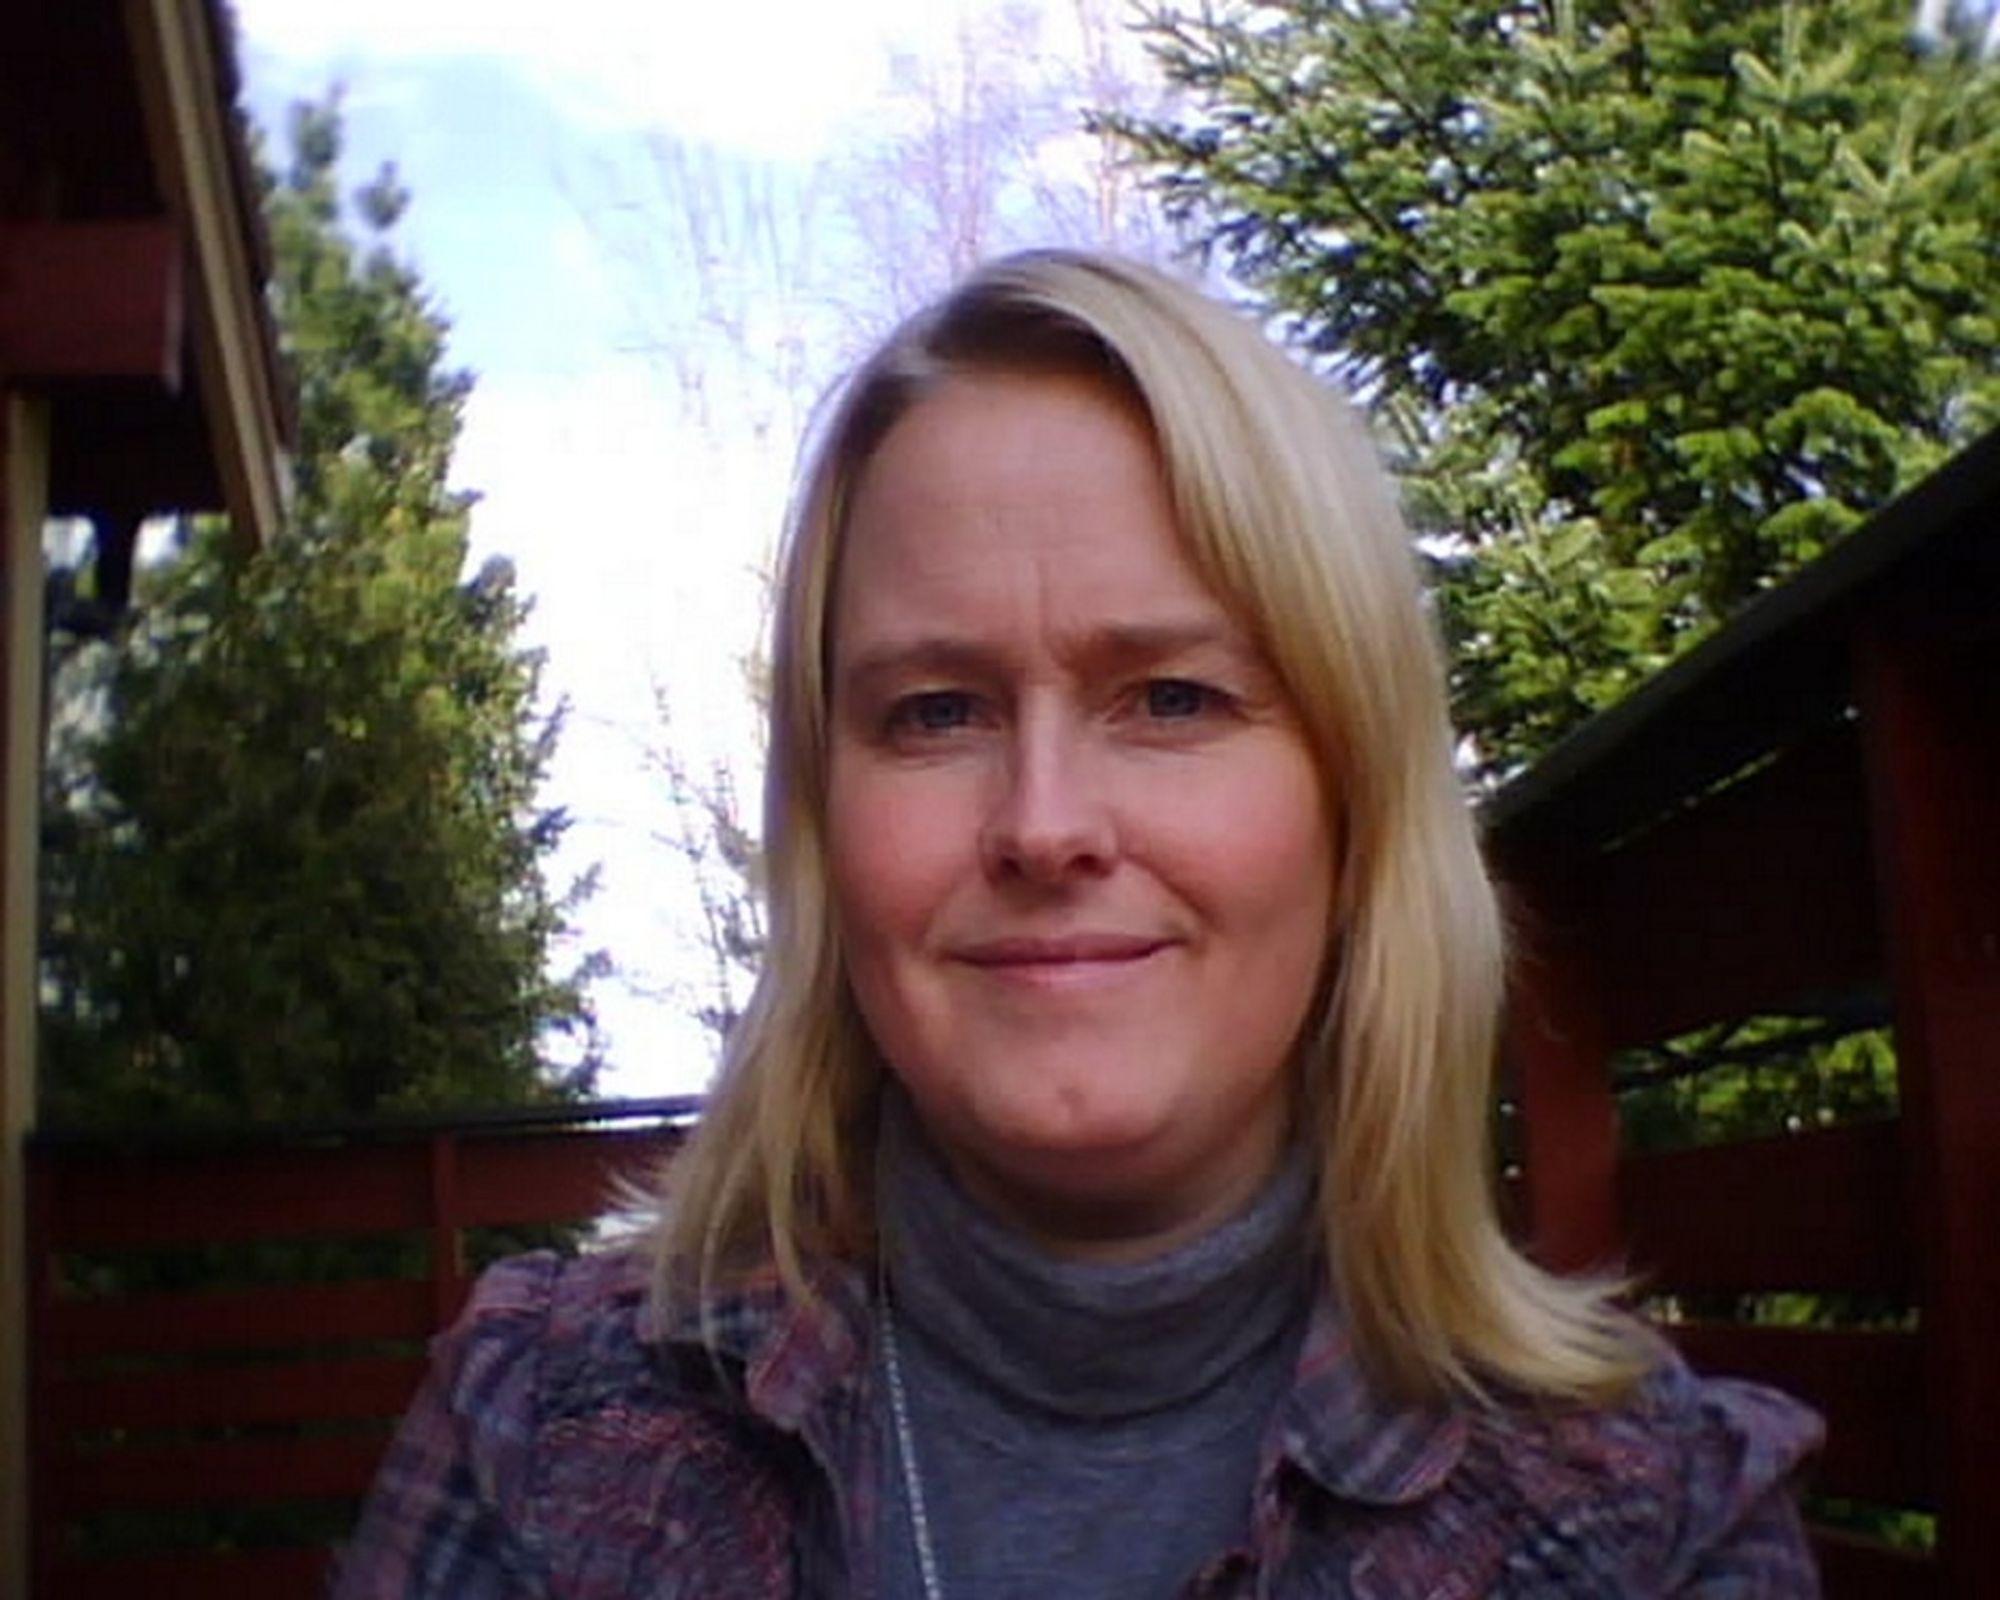 Anita Elverhøy på Stathelle vant ble trukket ut som vinner av førstepremien blant deltakerne i Studentundersøkelsen 2008.